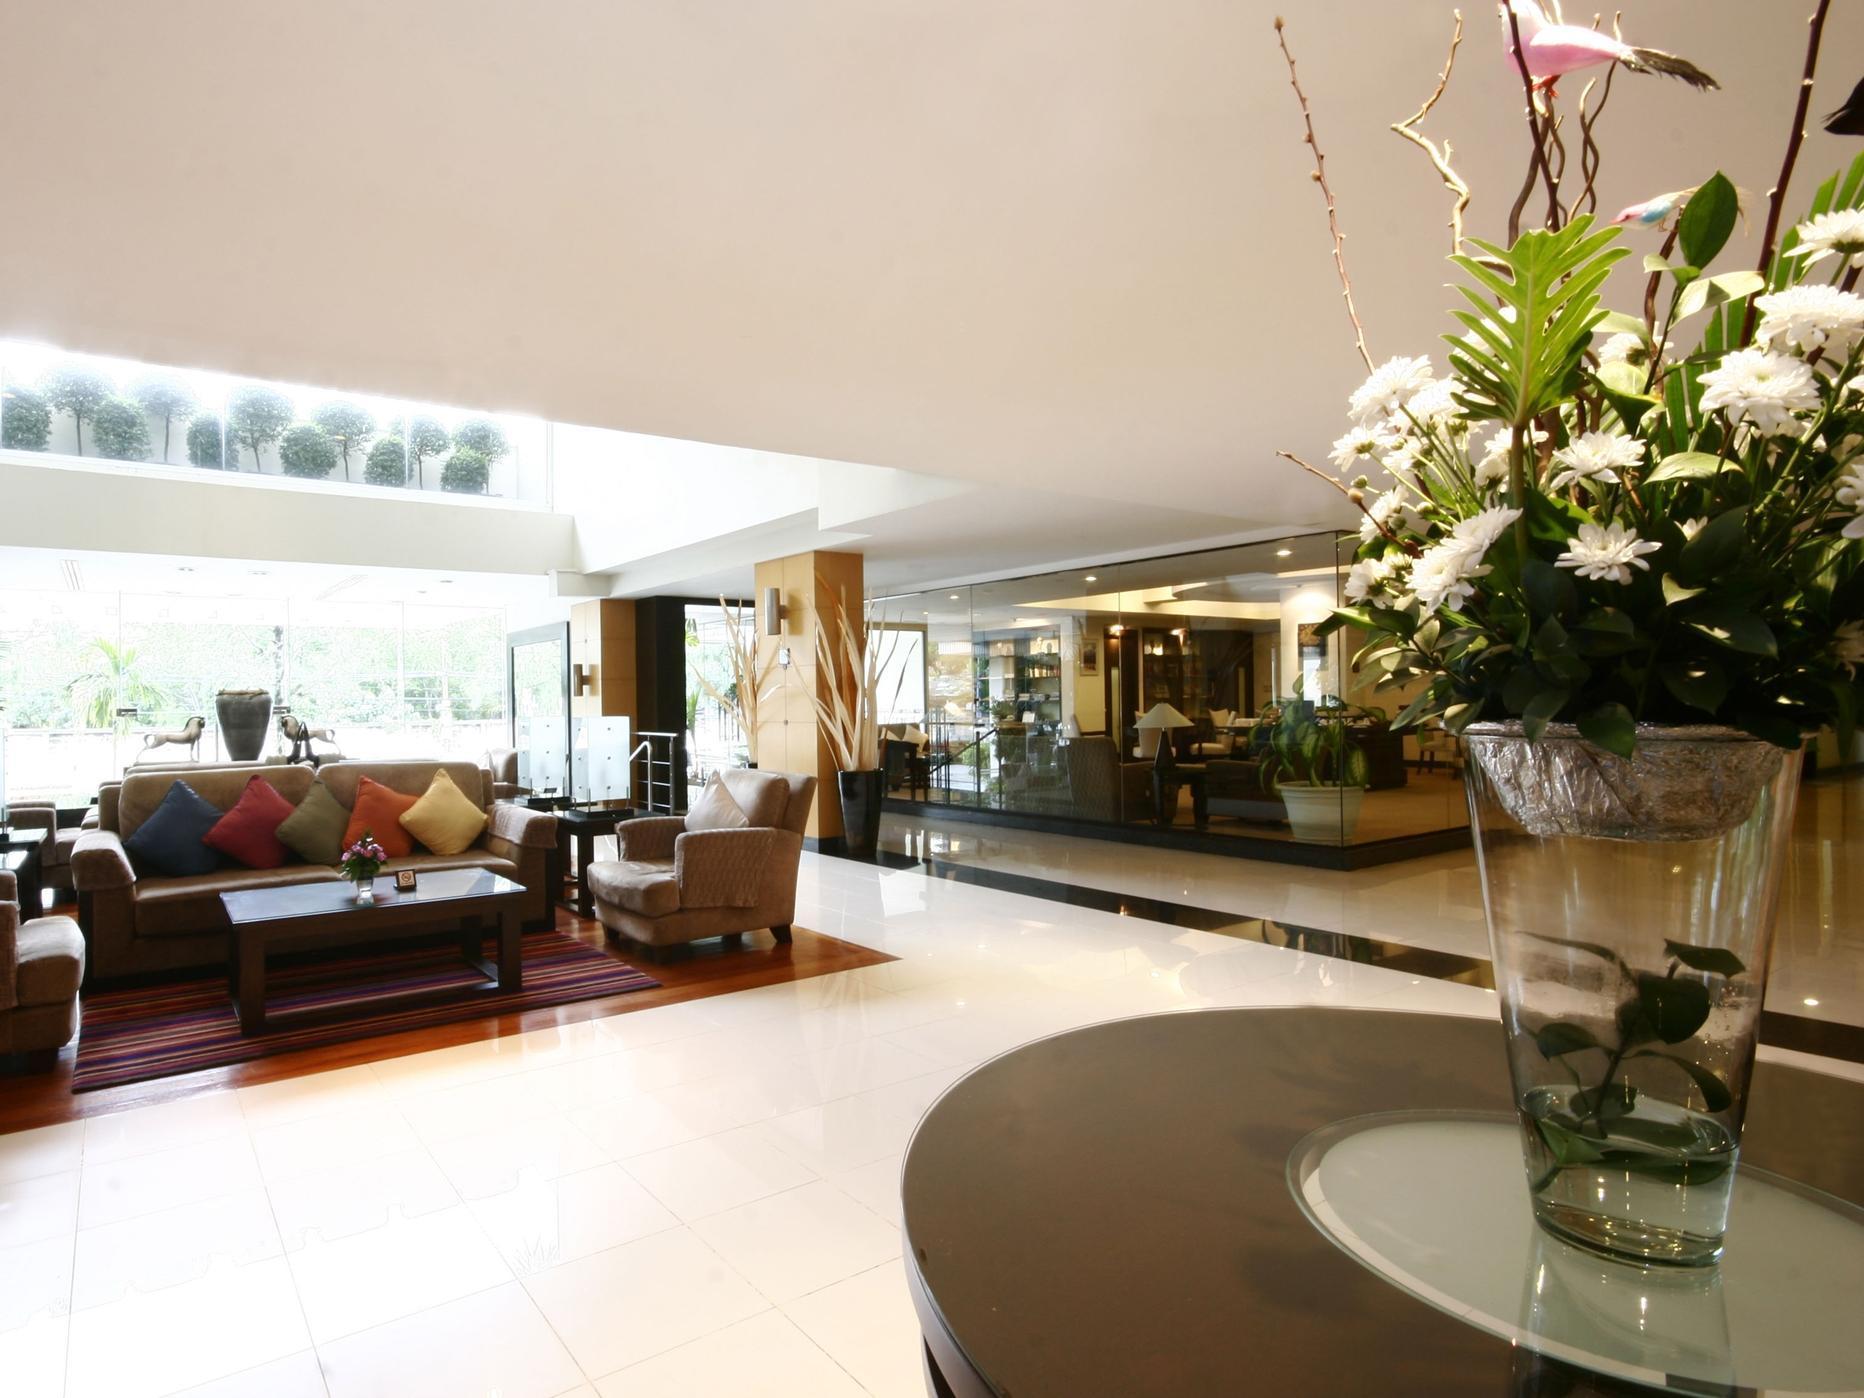 โรงแรมแคนทารี เฮาส์ กรุงเทพมหานคร